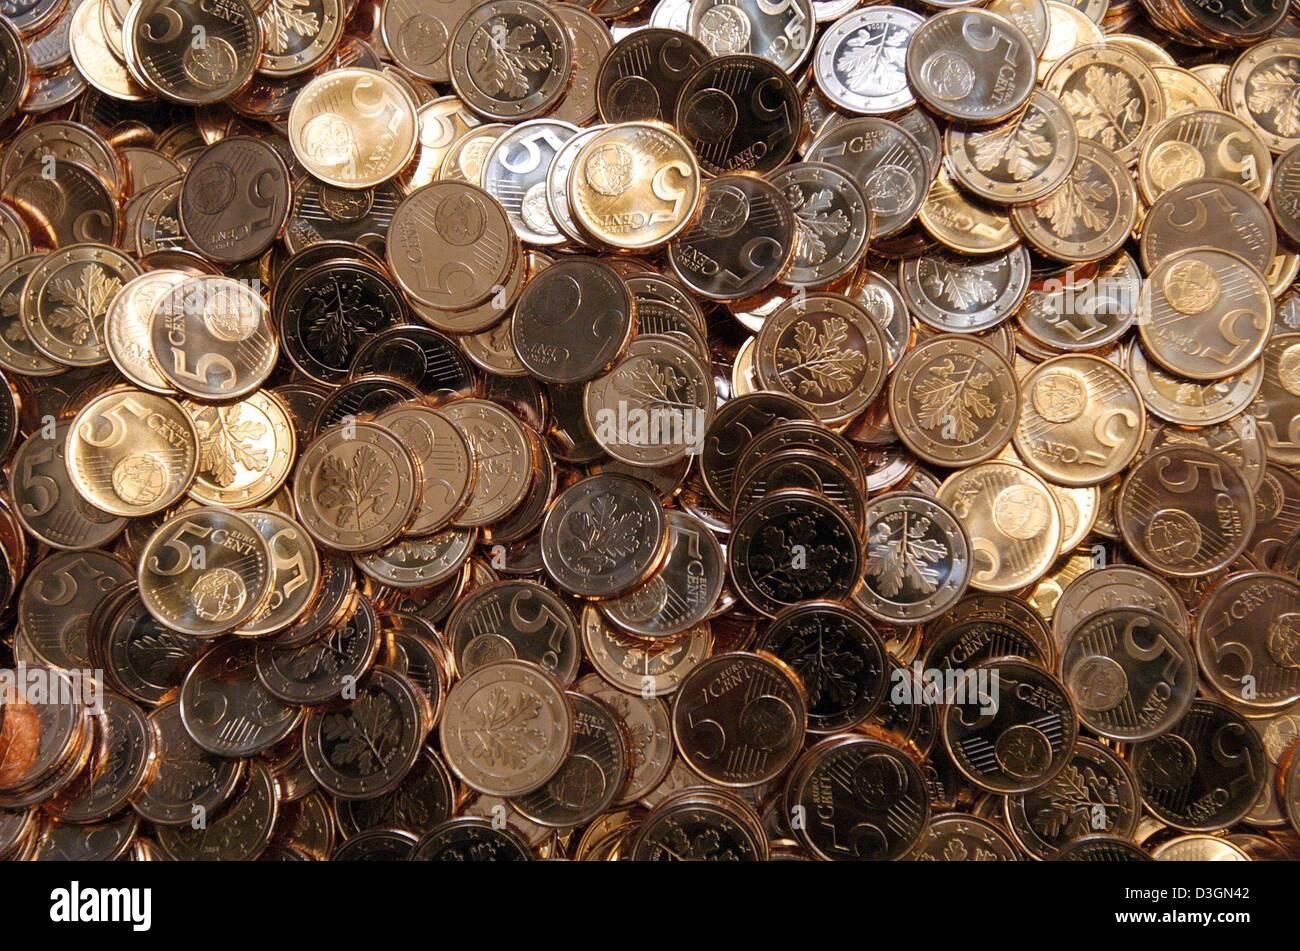 Dpa Eine Nahaufnahme Der Neuen 5 Euro Cent Münzen In Einer